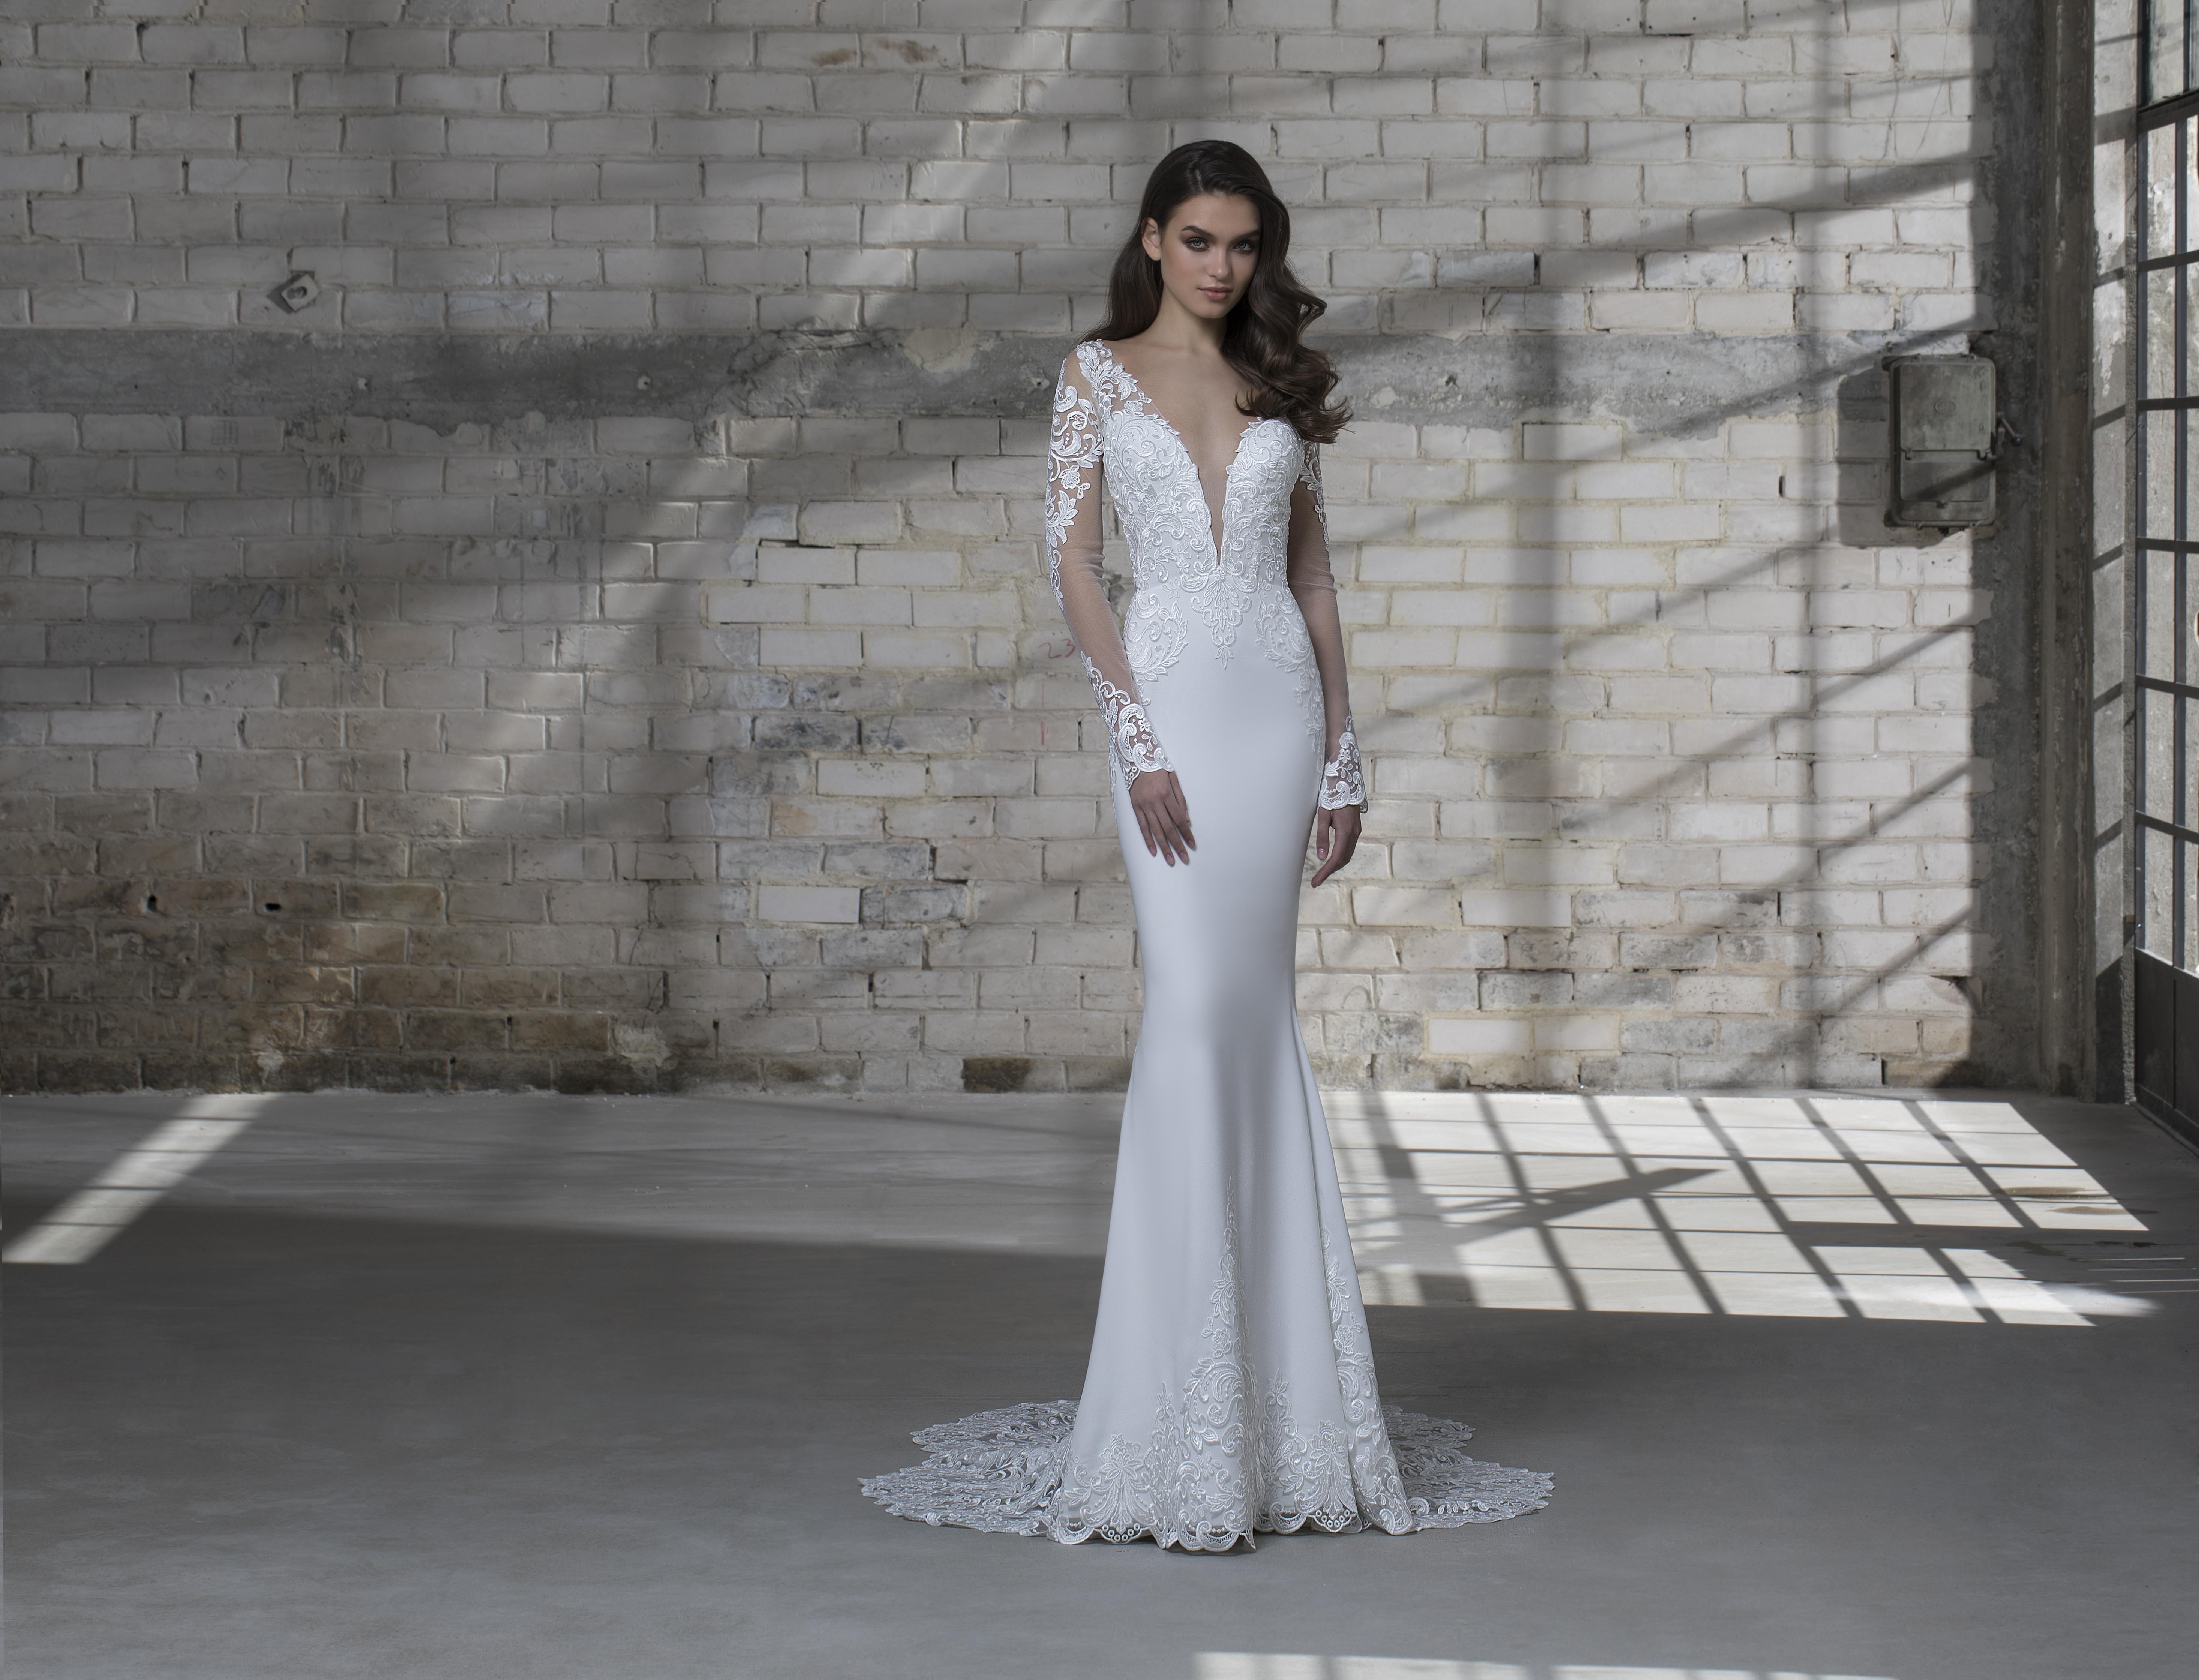 Long Sleeve Illusion Sheath Vneck Wedding Dress With Detachable Tulle Overskirt Kleinfeld Bridal: Kleinfeld Wedding Dresses Pnina Tornais Area At Reisefeber.org